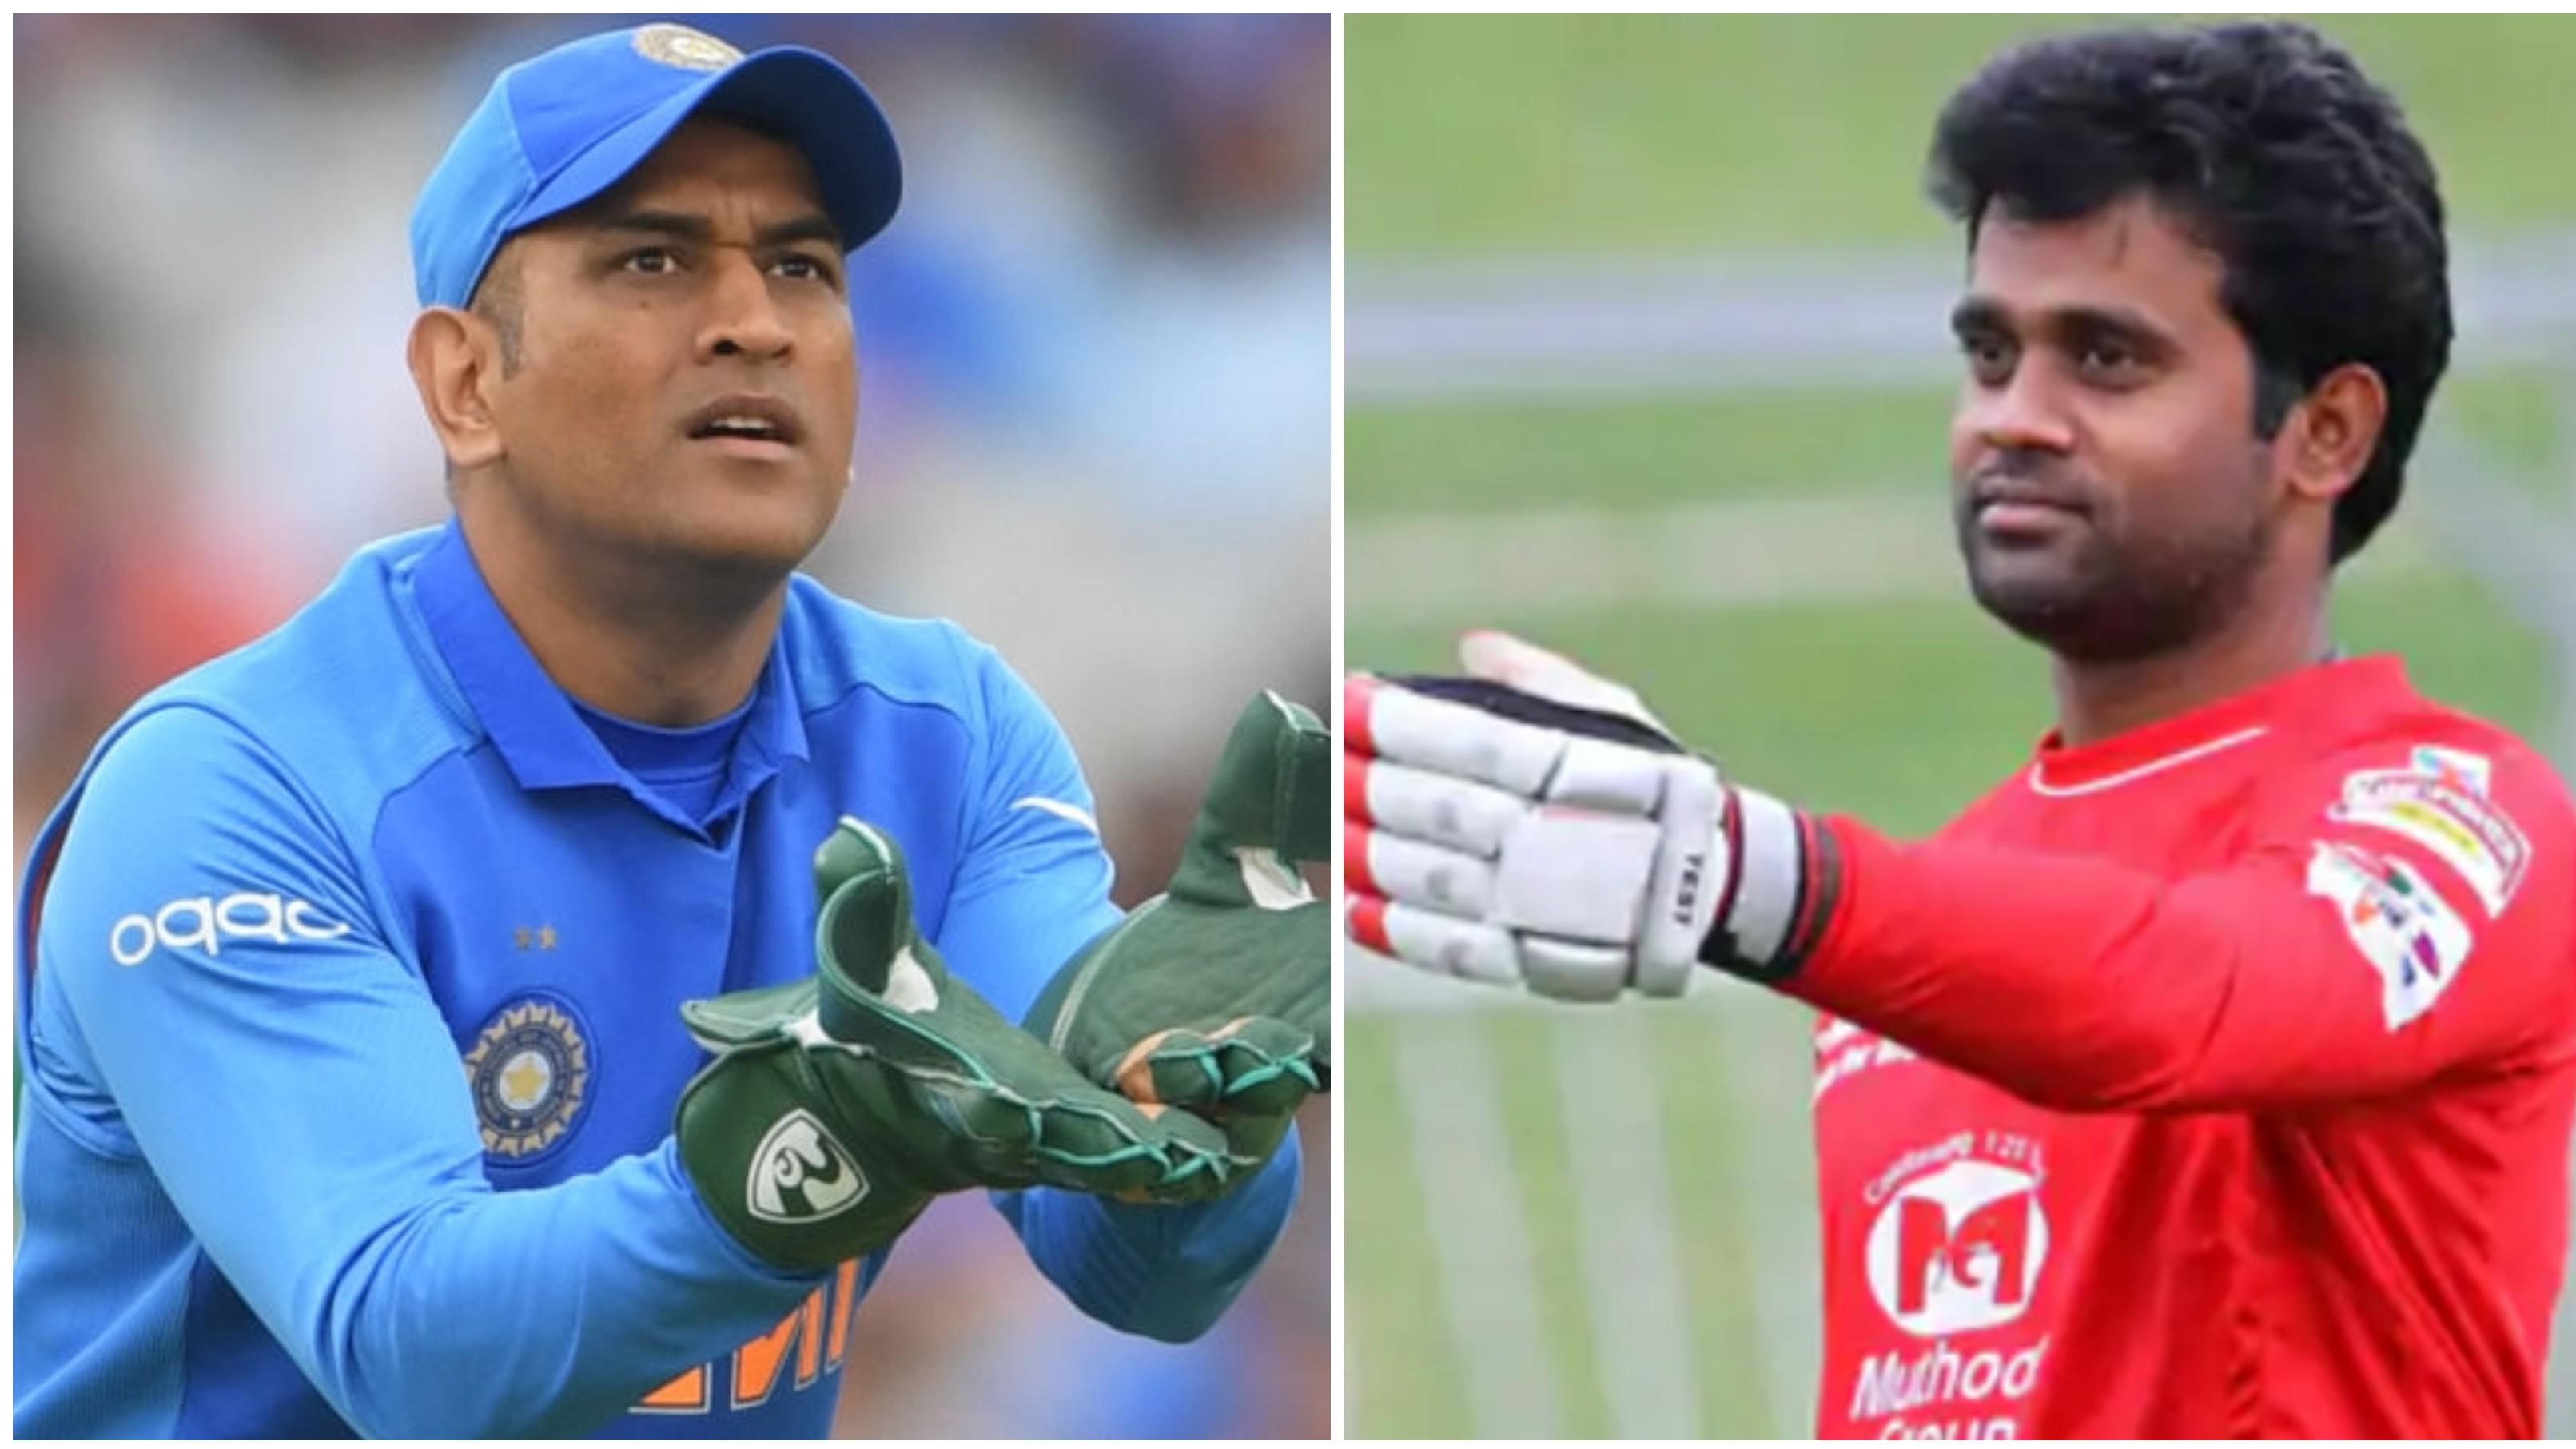 महेंद्र सिंह धोनी को विश्वकप 2023 में खेलते देखना चाहता हैं पूर्व क्रिकेटर वेणुगोपाल राव